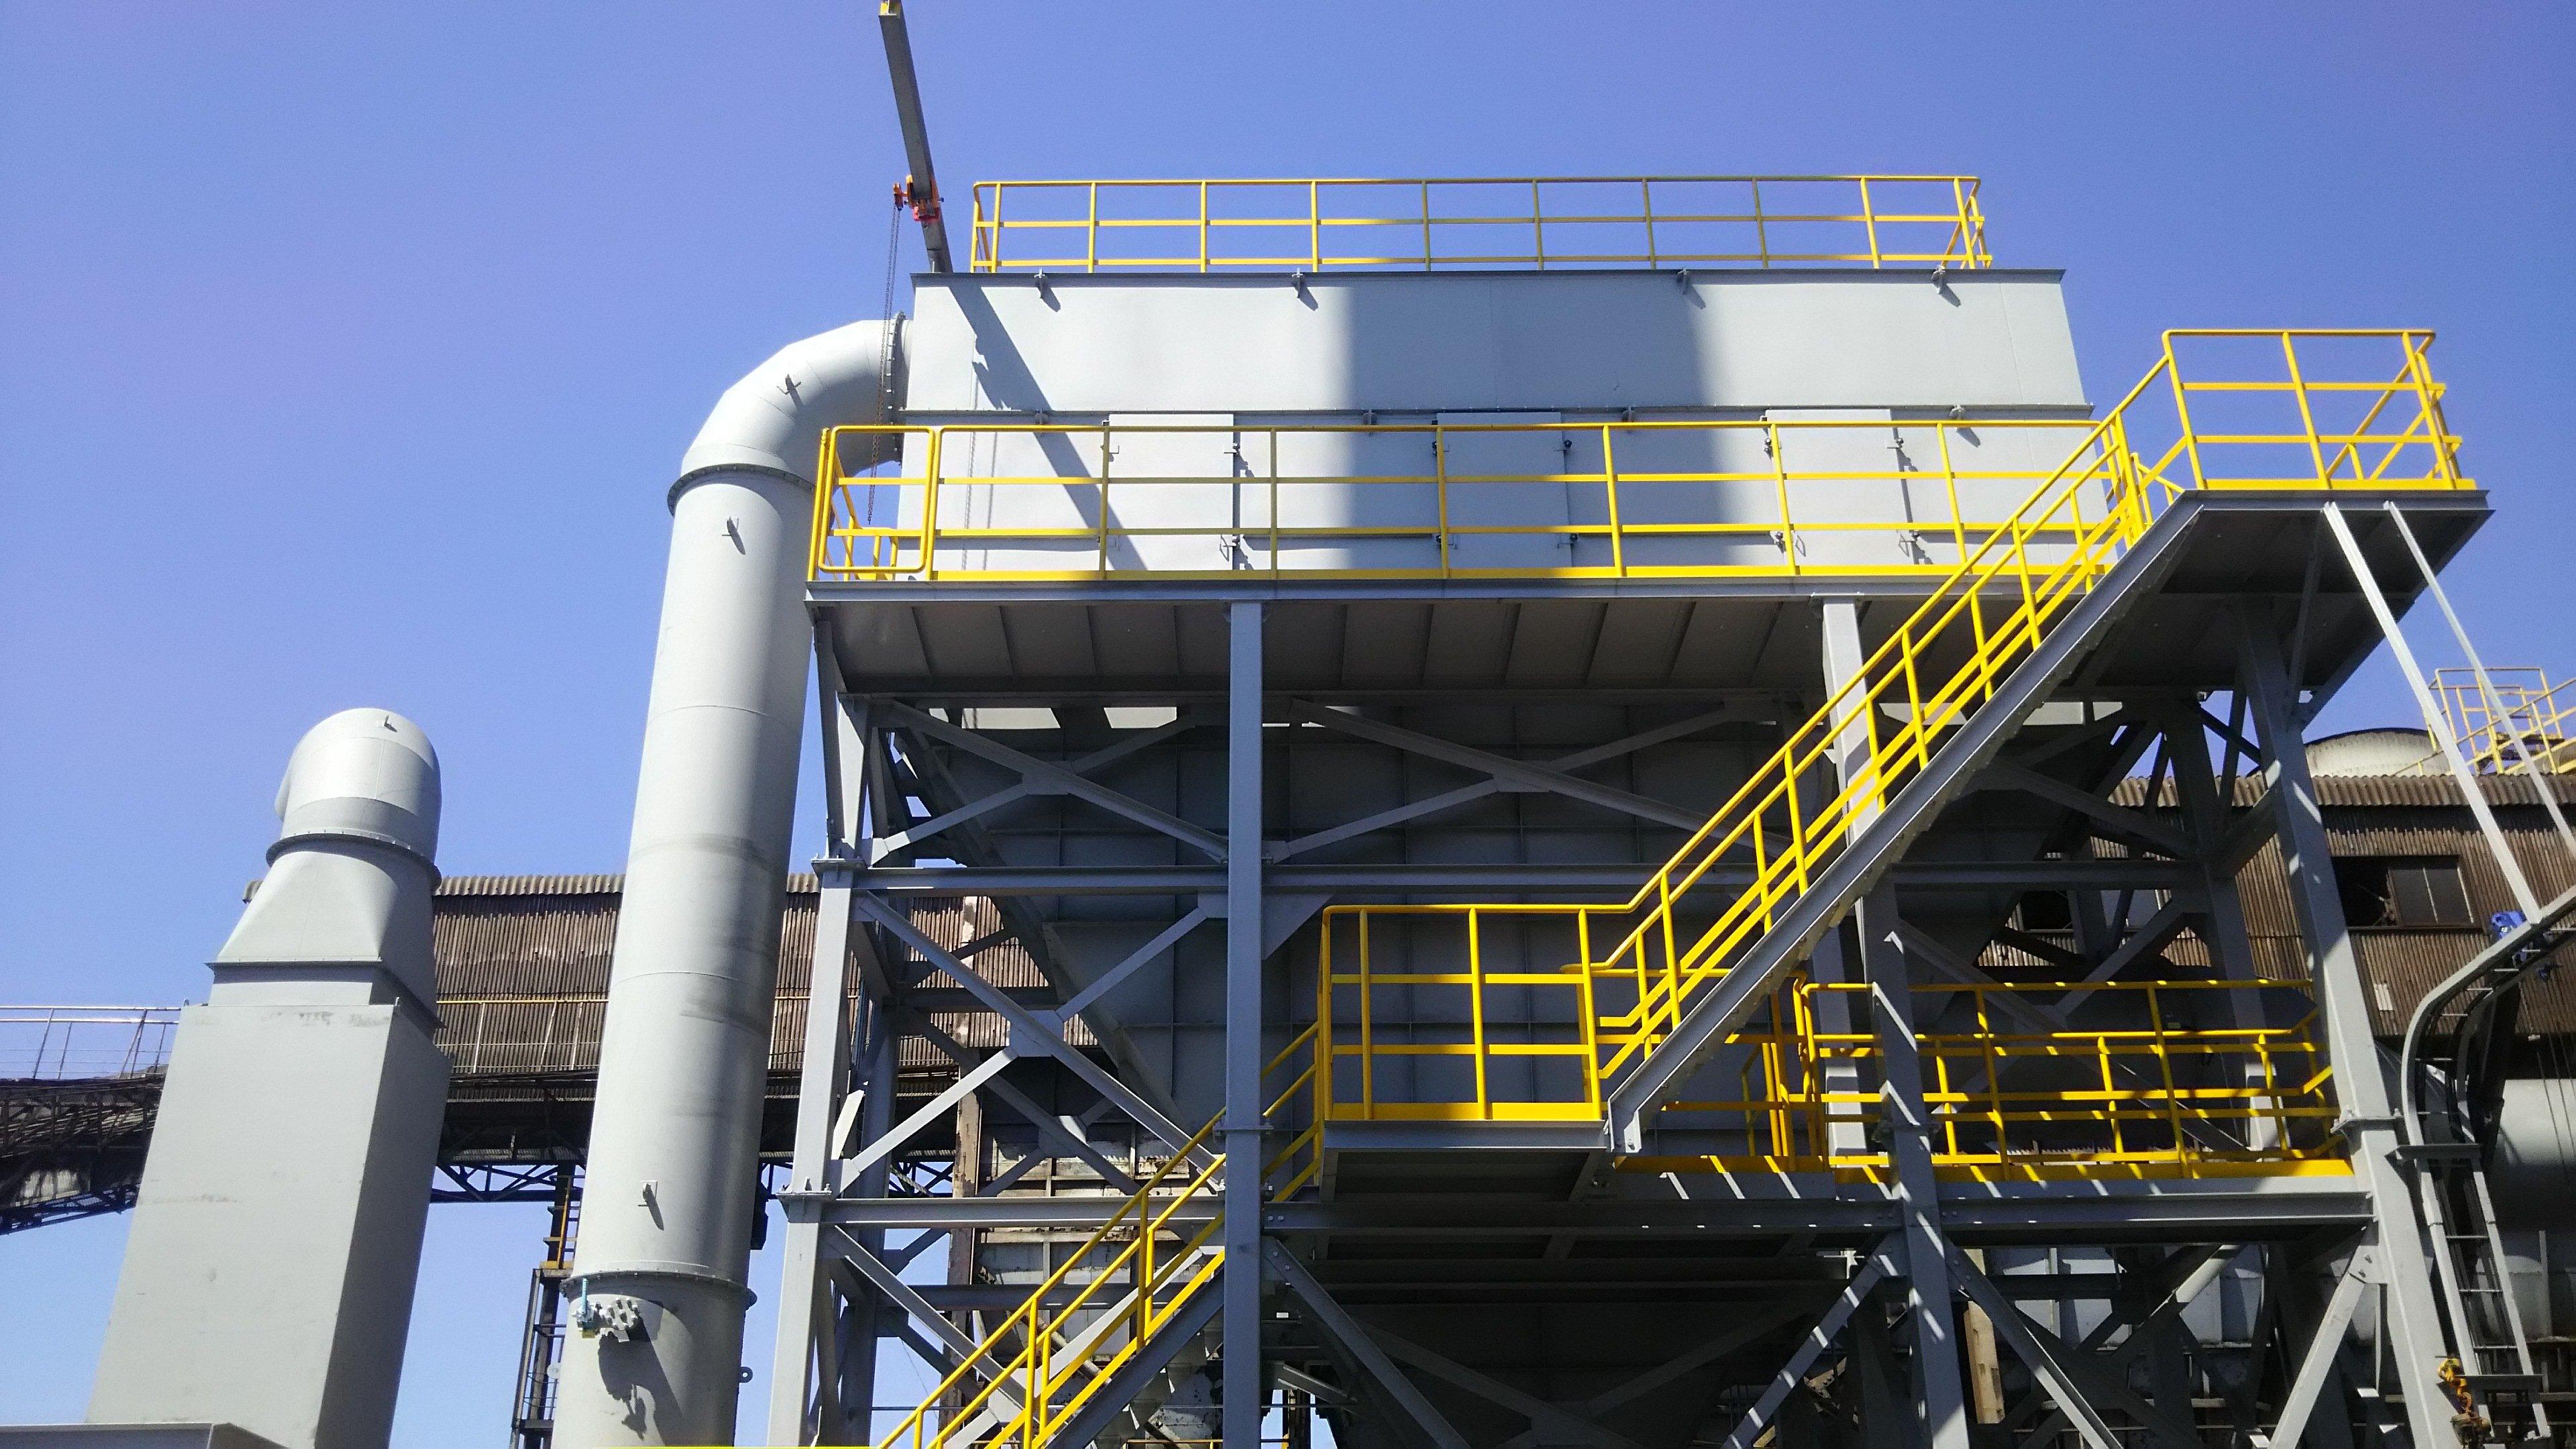 建屋全体換気の最適化ソリューション、省スペース設置設計、排気粉塵濃度を0.1mg/m3以下へ